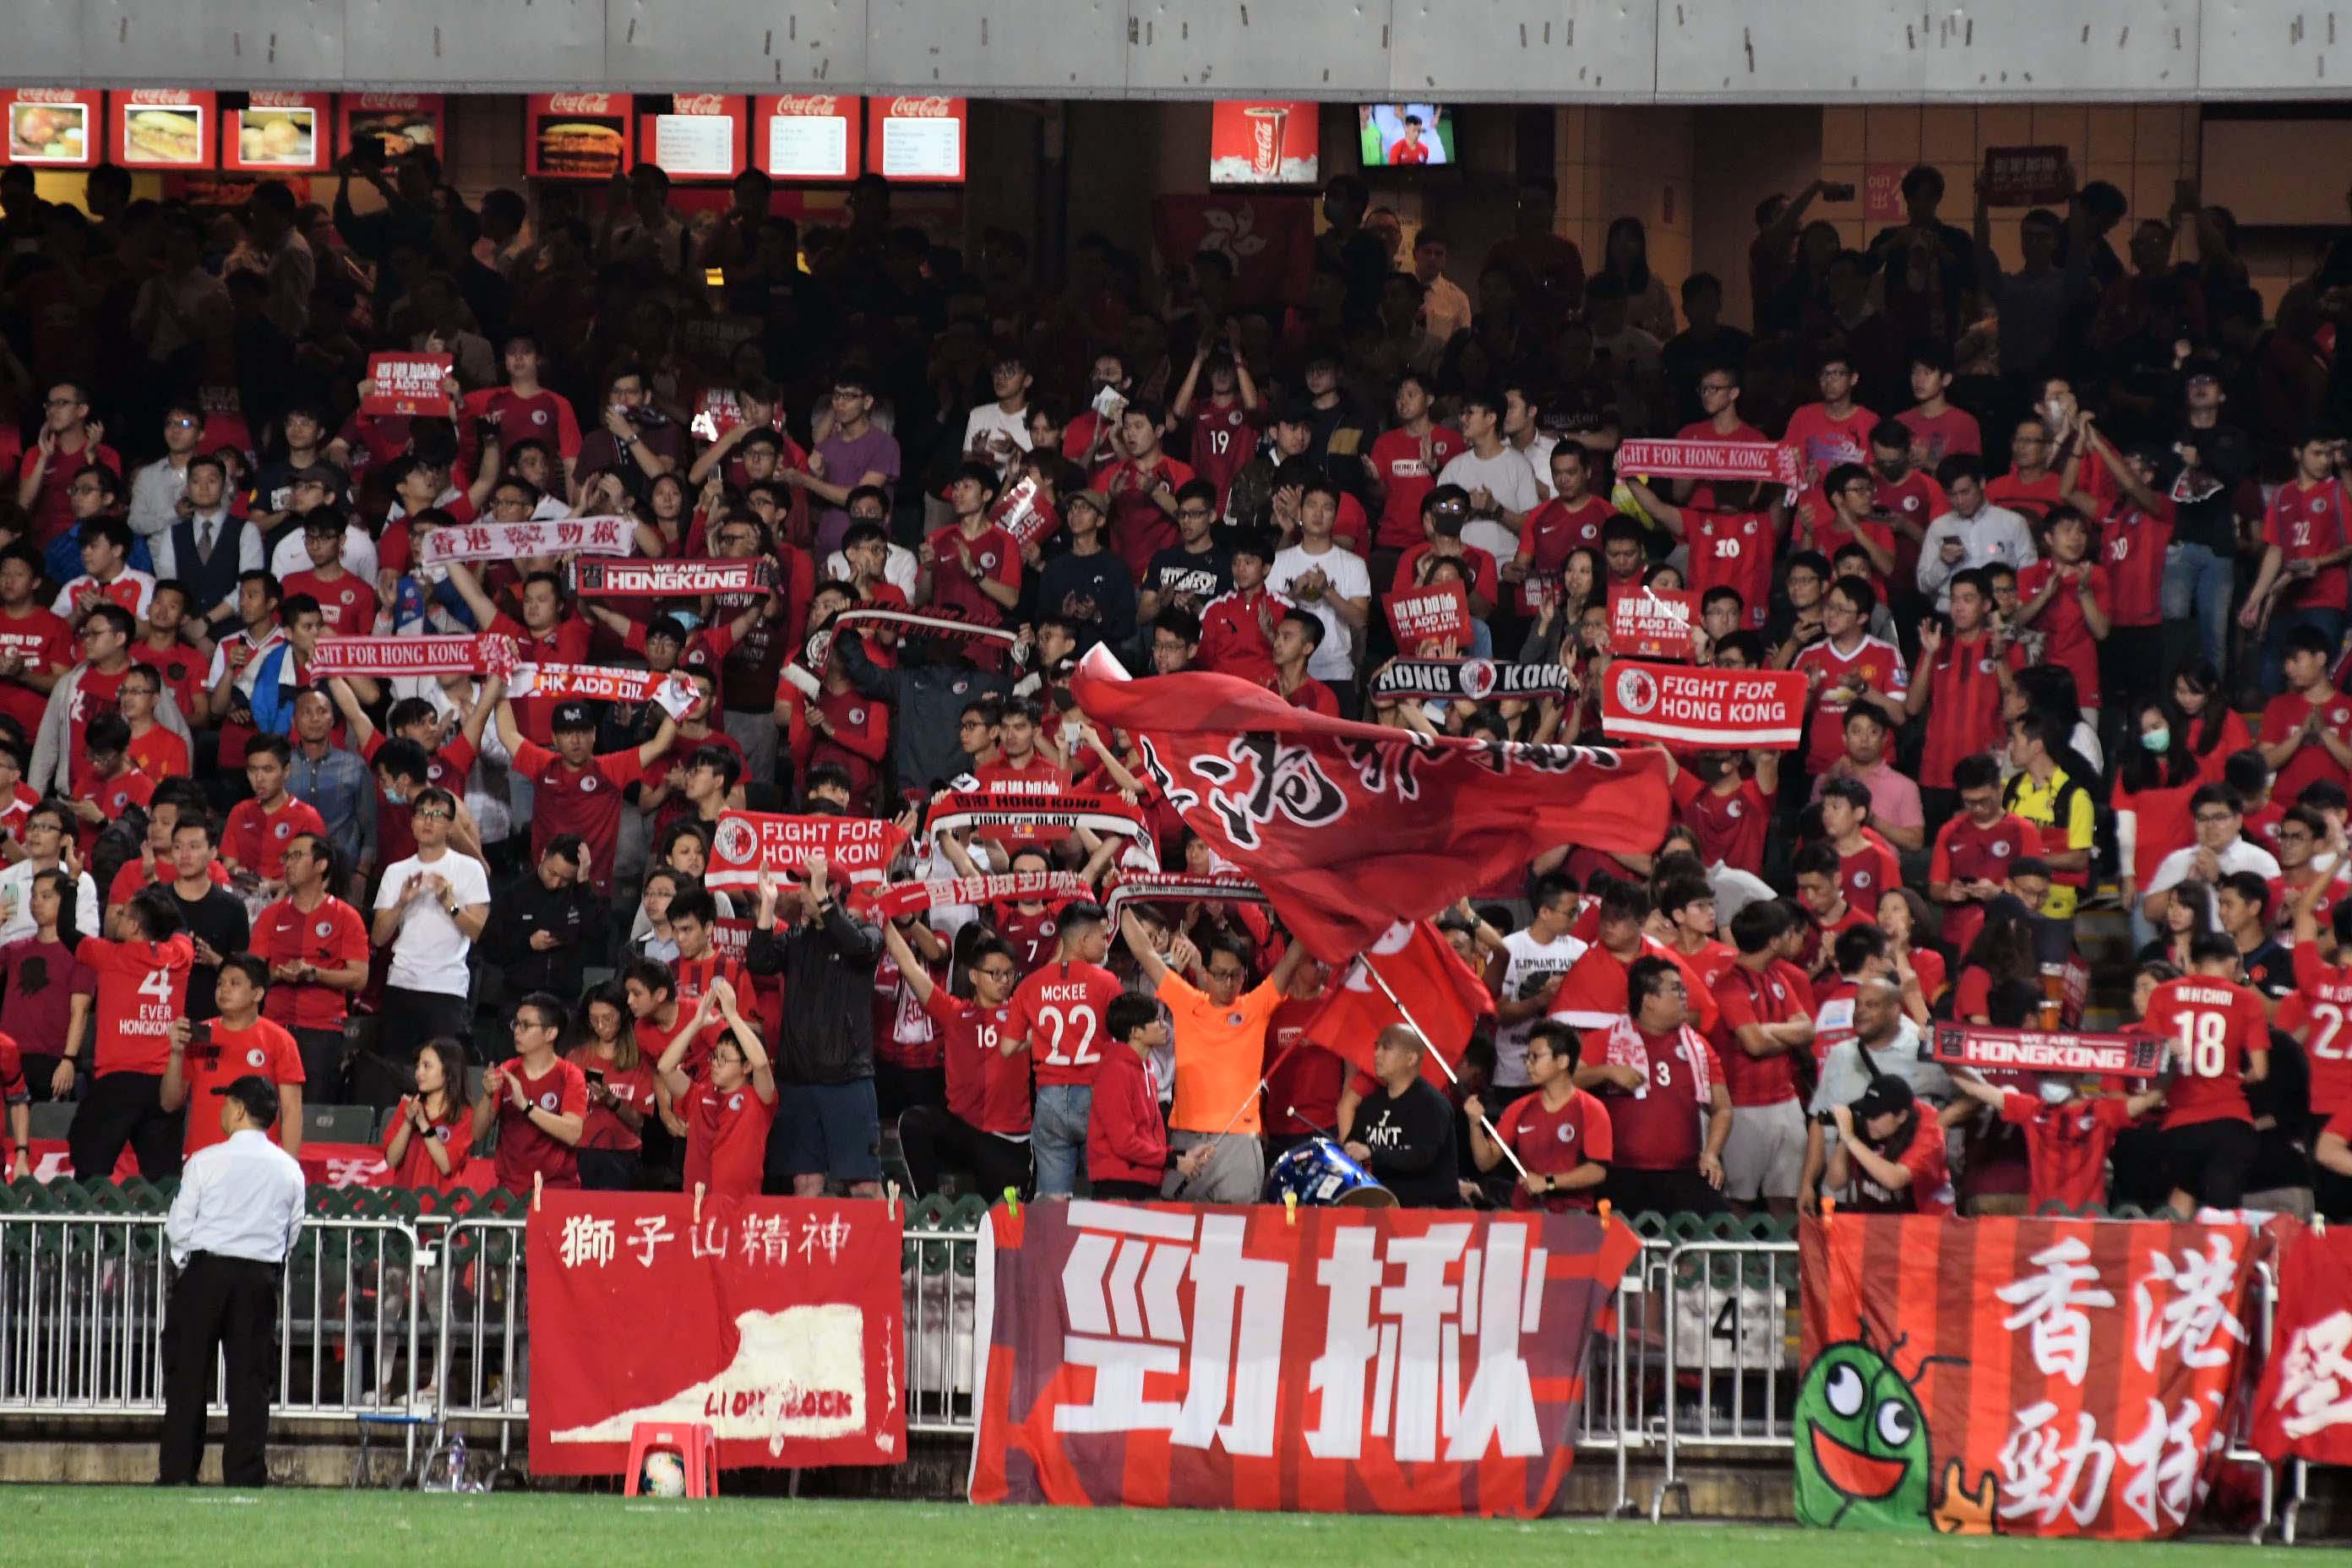 港足賽事吸引逾四千五百名球迷入場支持。郭晉朗攝